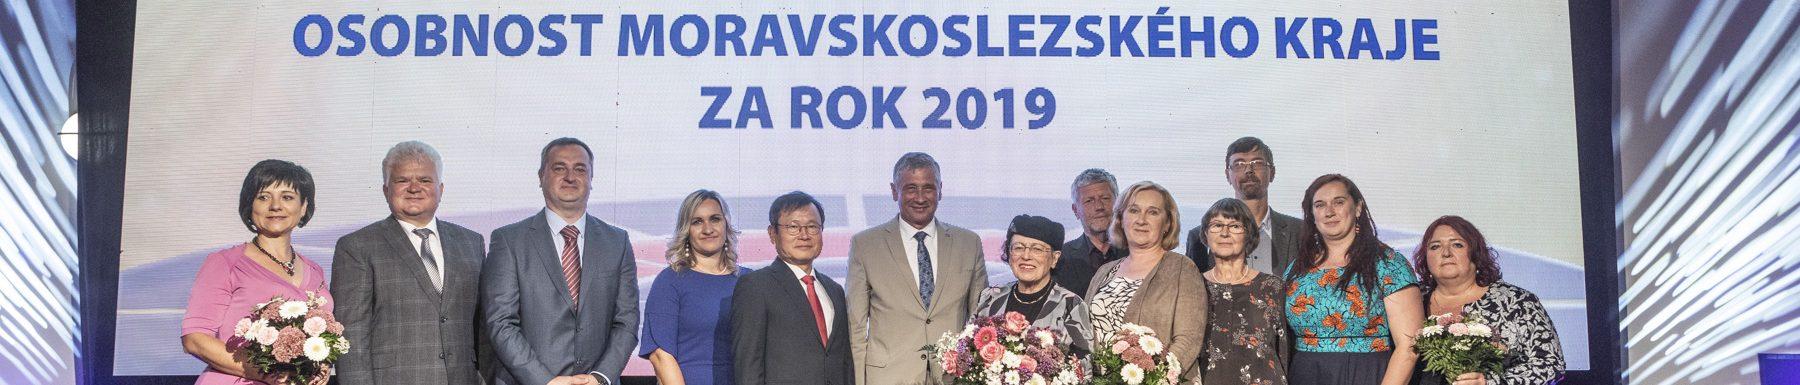 Byly předány Ceny hejtmana za společenskou odpovědnost a titul Osobnost Moravskoslezského kraje